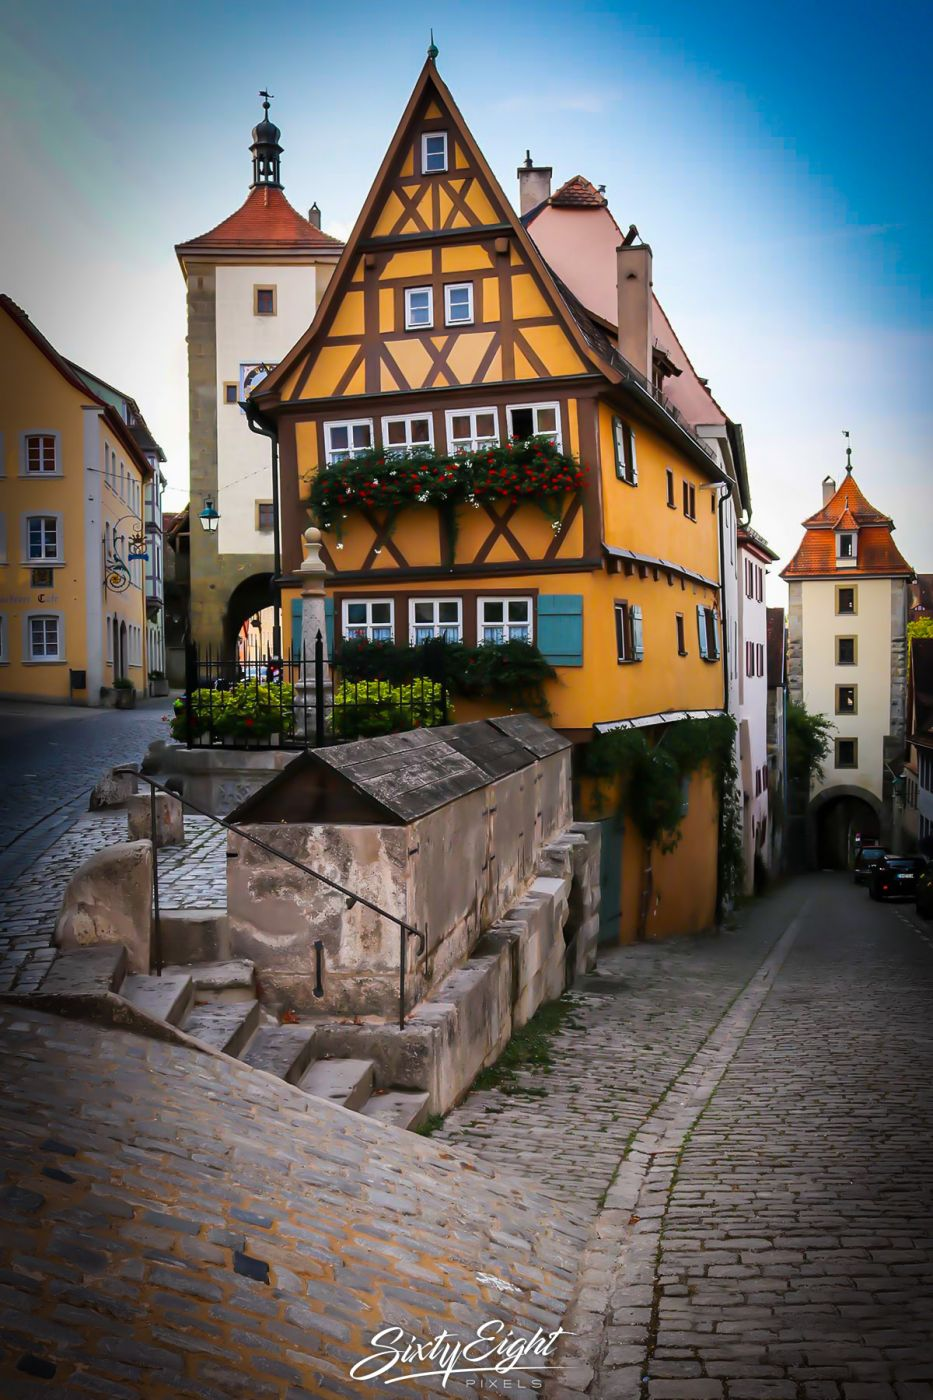 Das 'Plönlein' in Rothenburg ob der Tauber, Germany